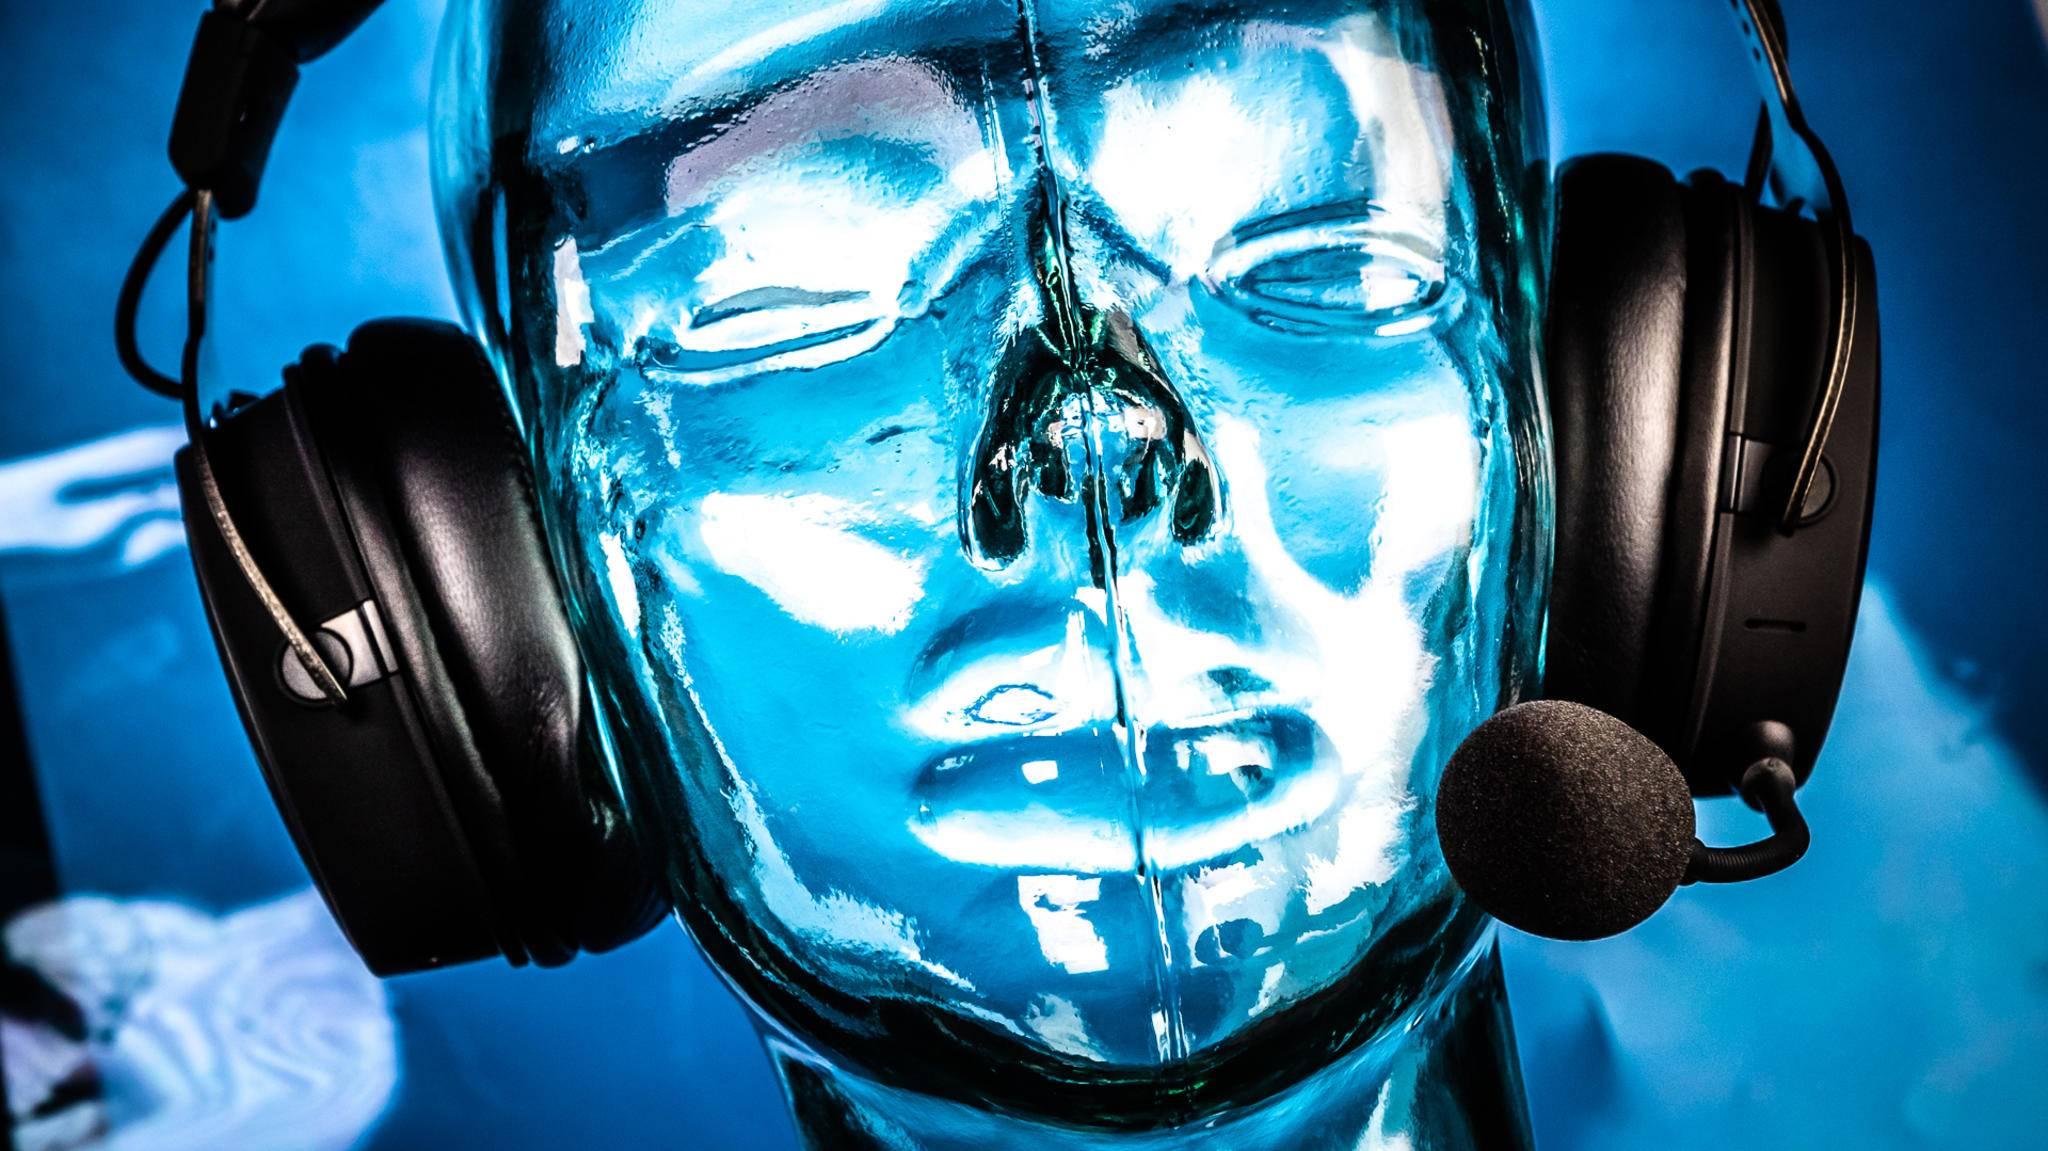 Das HyperX Cloud Mix dient zum Zocken und zum Musikhören im Bluetooth-Einsatz.